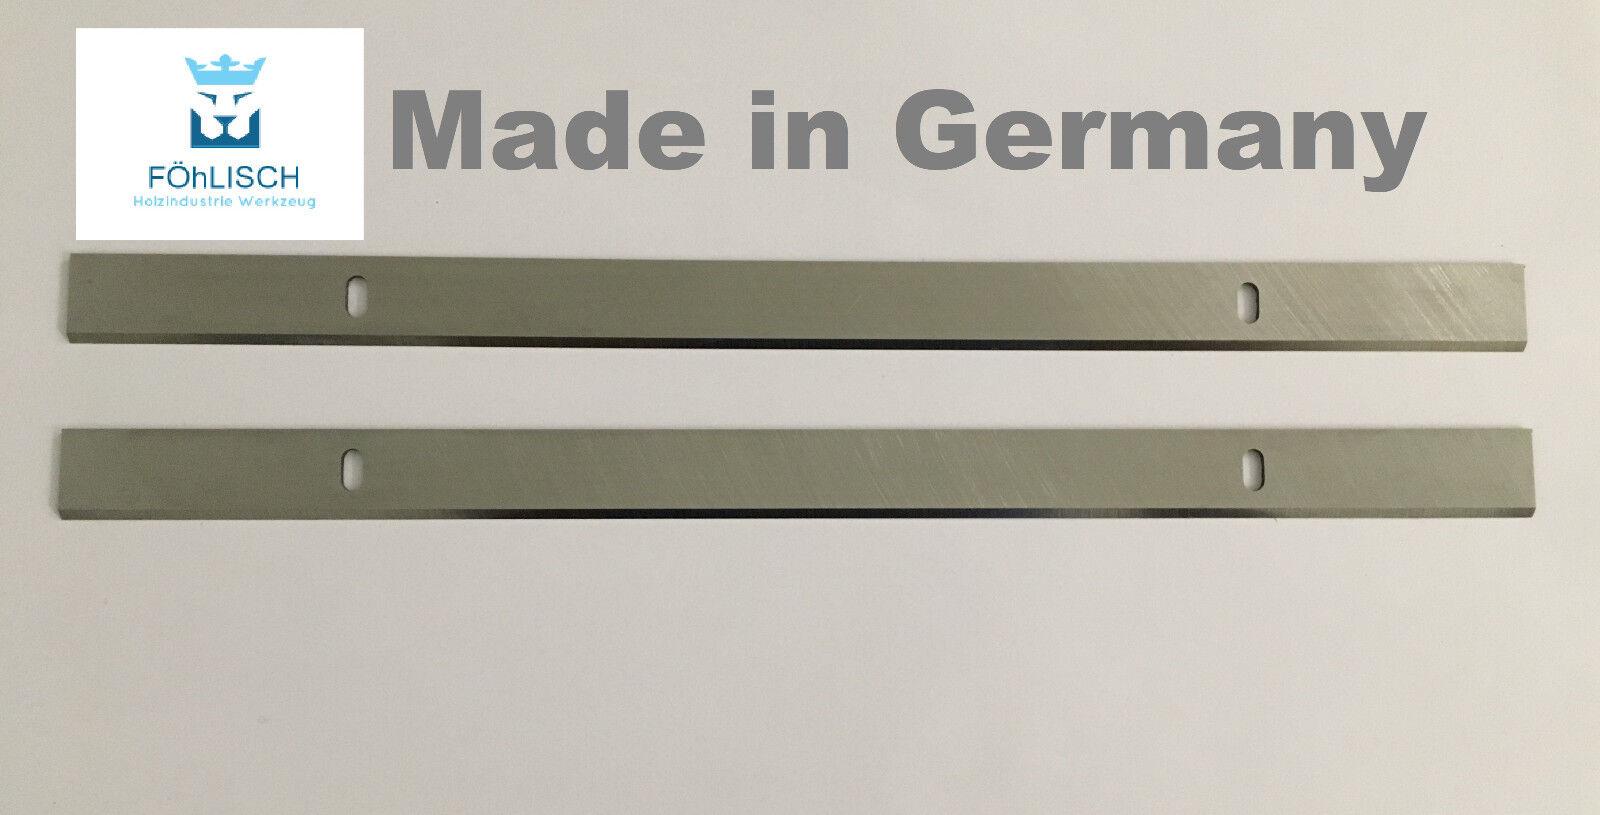 Einhell TH-SP 204 1 Satz = 2 Hobelmesser Zipper ZI-HB204 POW X204//A HSS Hobelmesser 210x16,5x1,5mm f/ür Scheppach HMS850